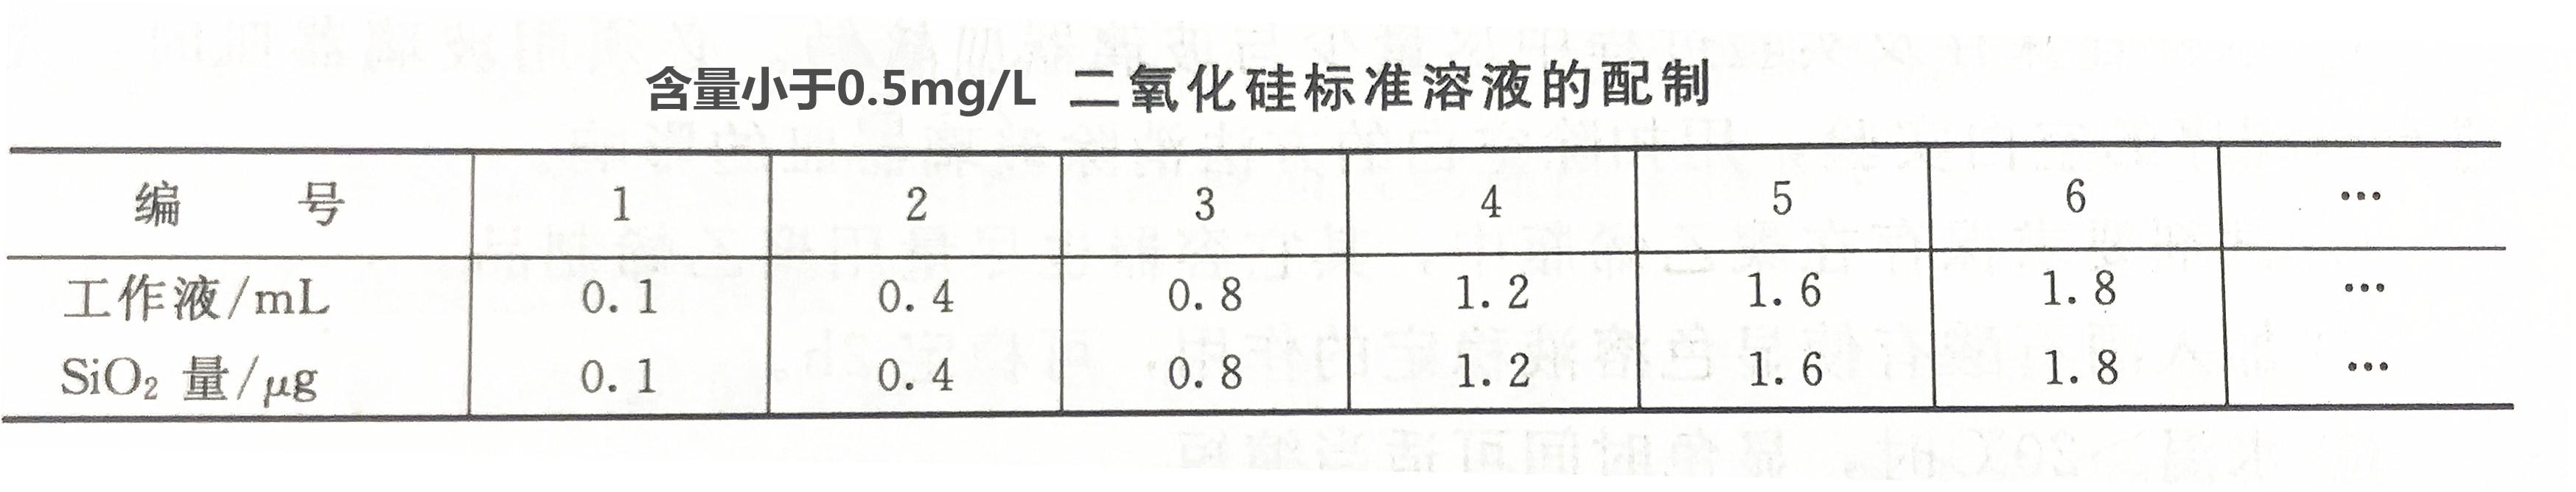 含量大于0.5mg/L二氧化硅标准溶液